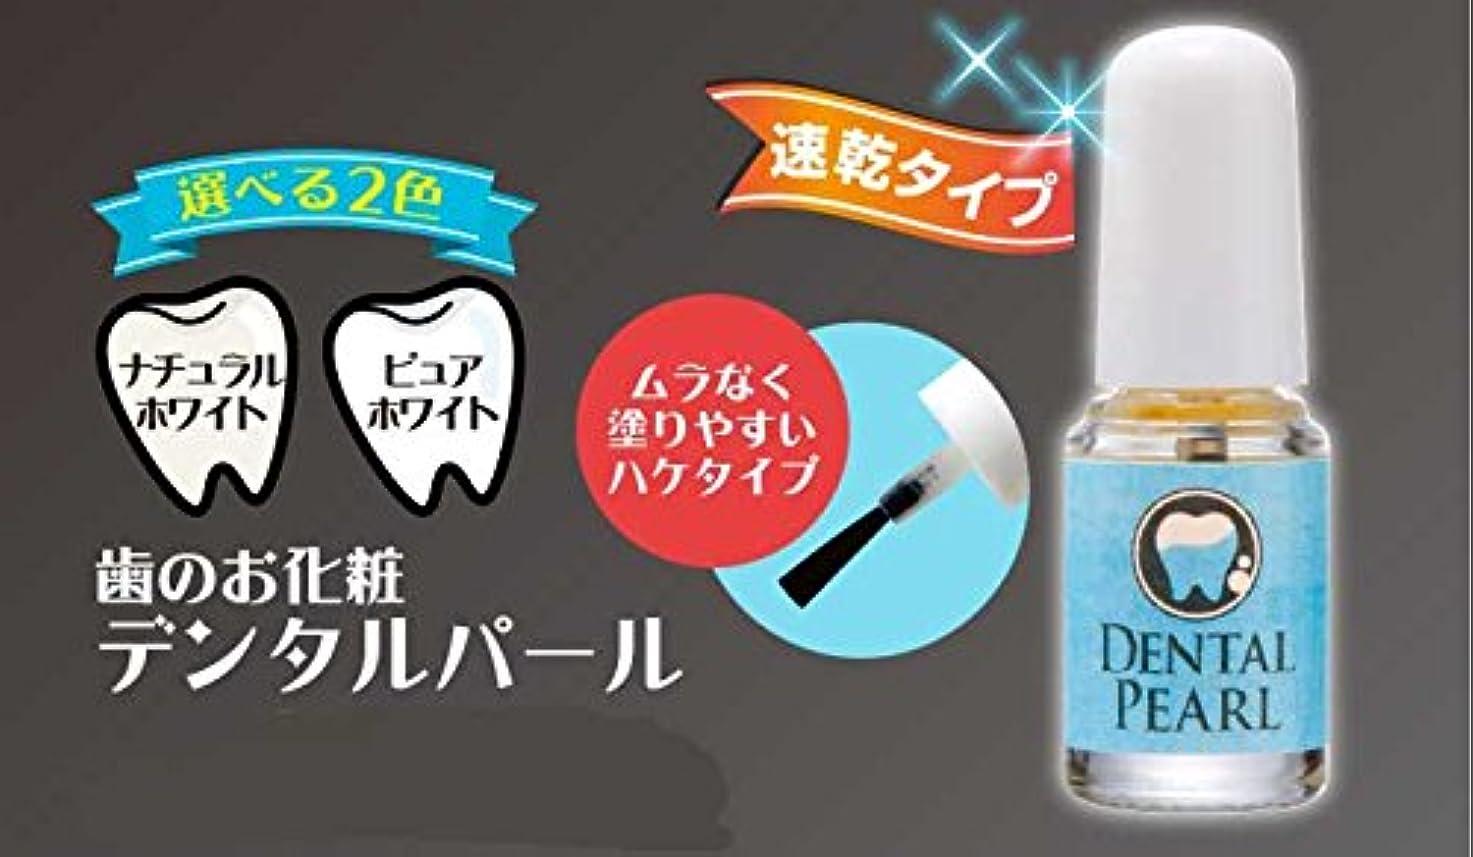 堀バストクレア歯のお化粧デンタルパール ピュアホワイト